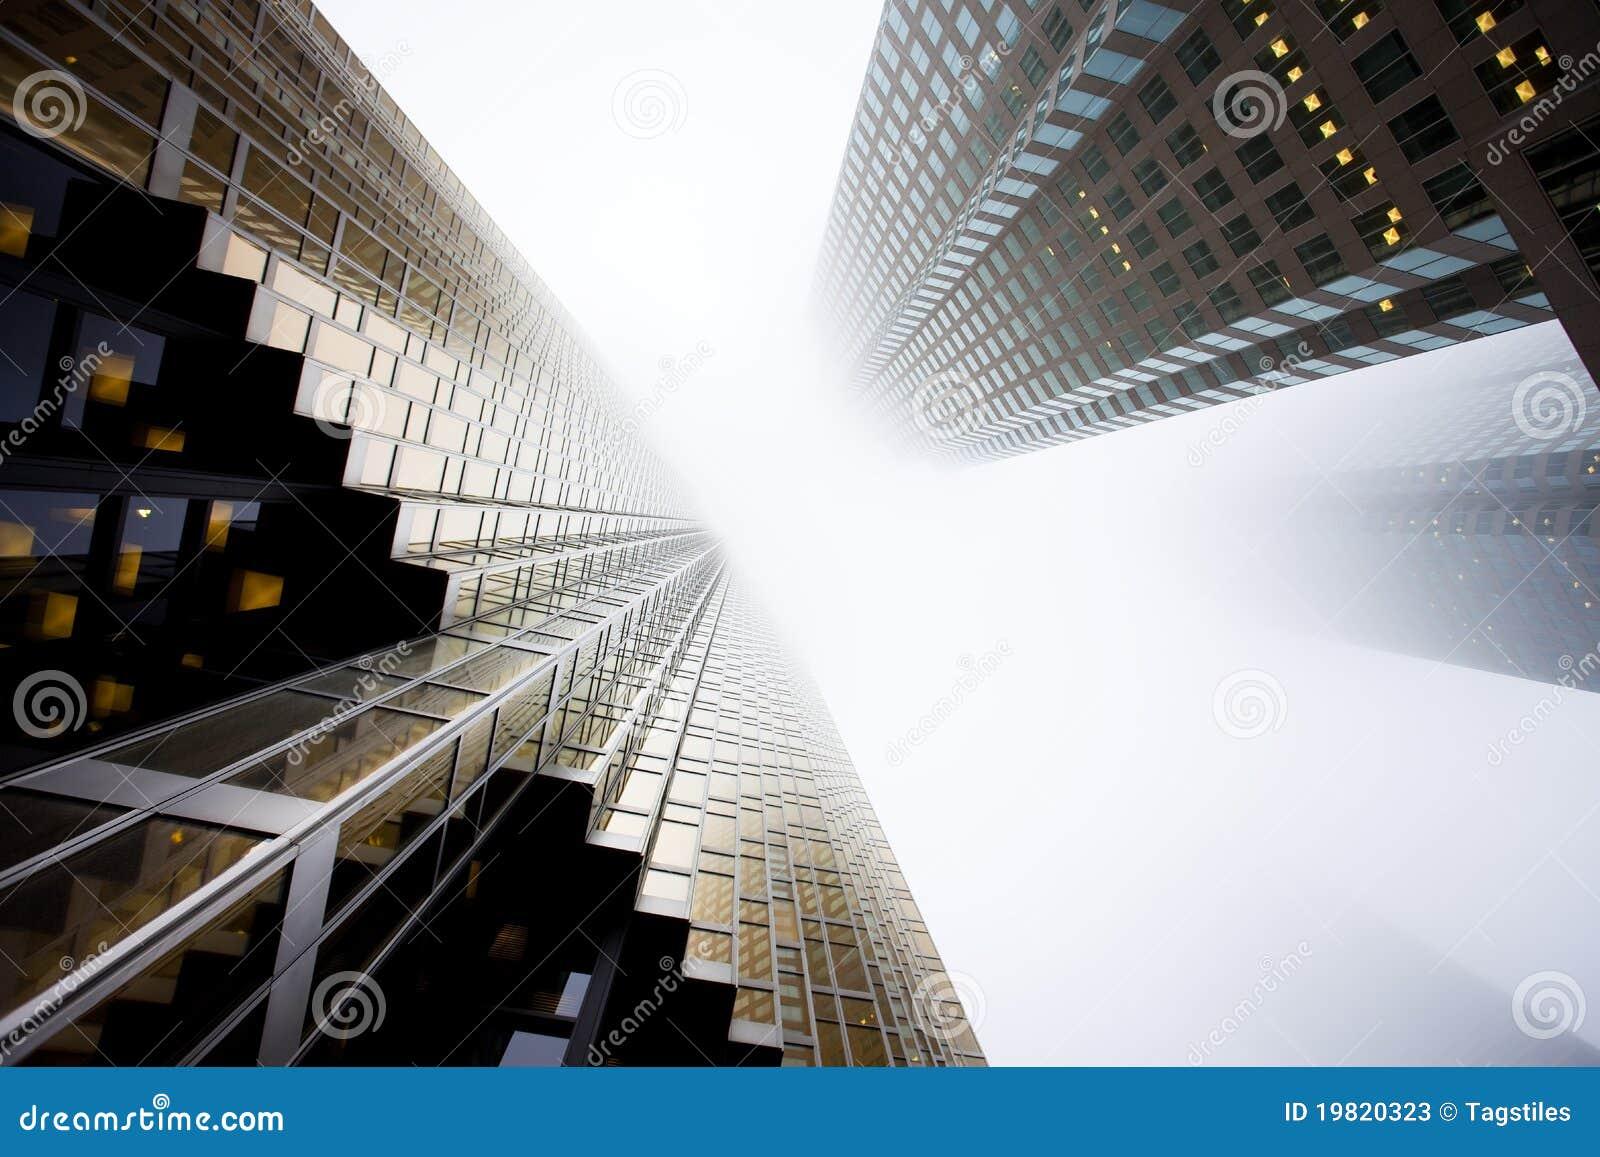 Download Wolkenkratzer stockbild. Bild von apocalypse, dunkel - 19820323